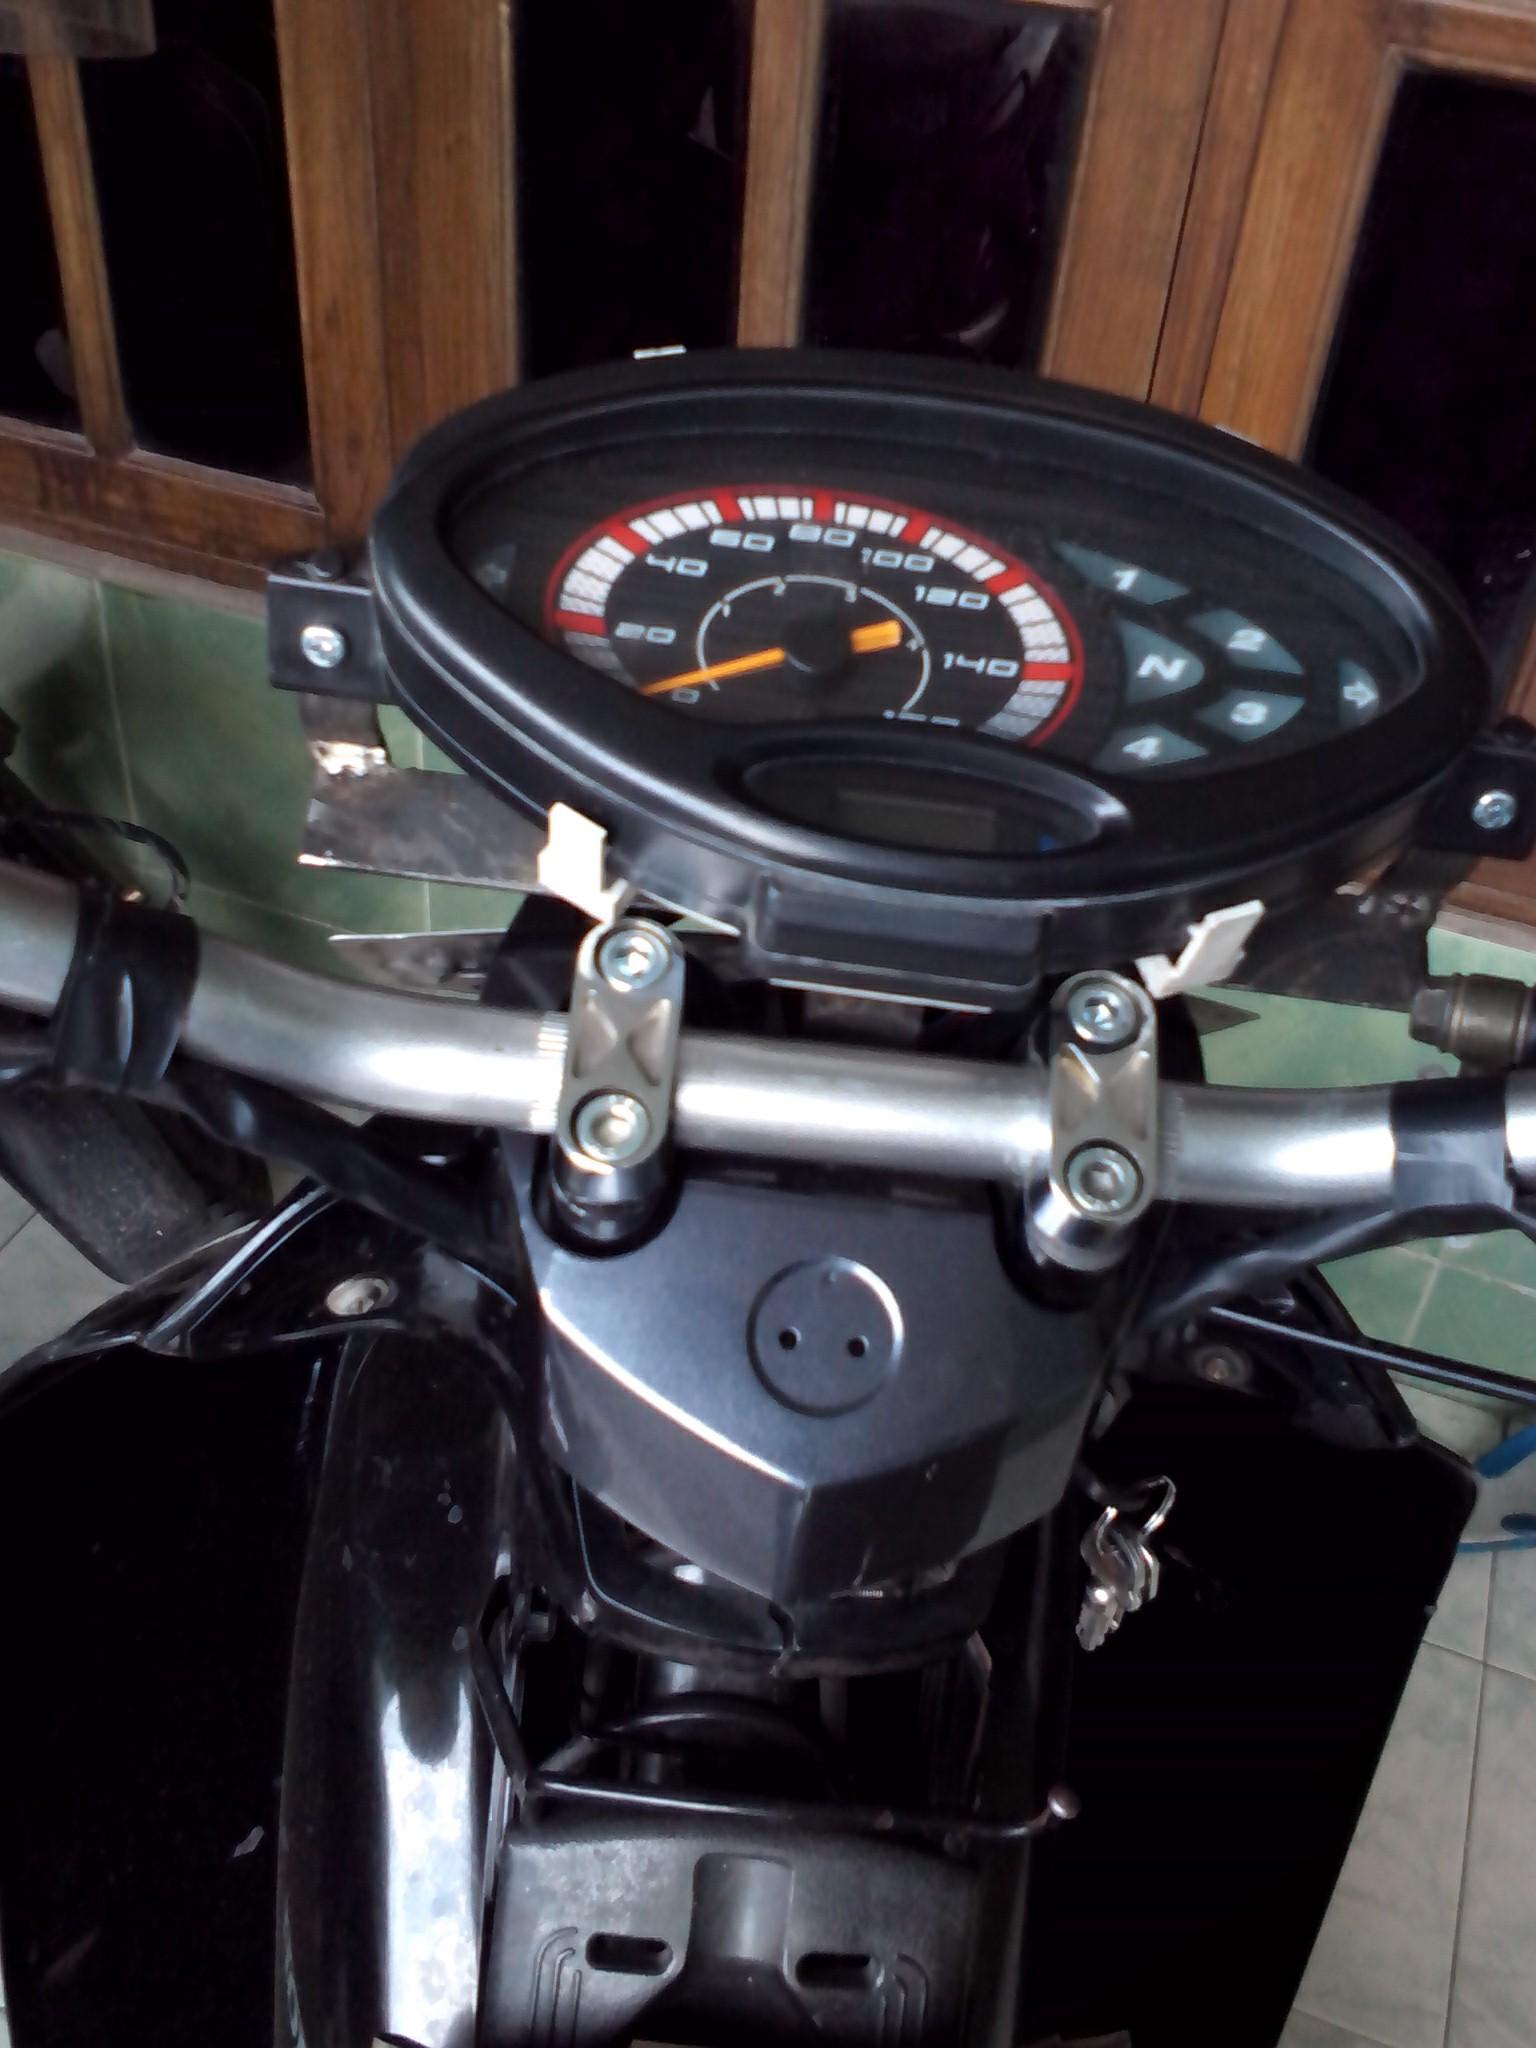 Koleksi Foto Modifikasi Motor L2 Super Terbaru Griya Modifikasi